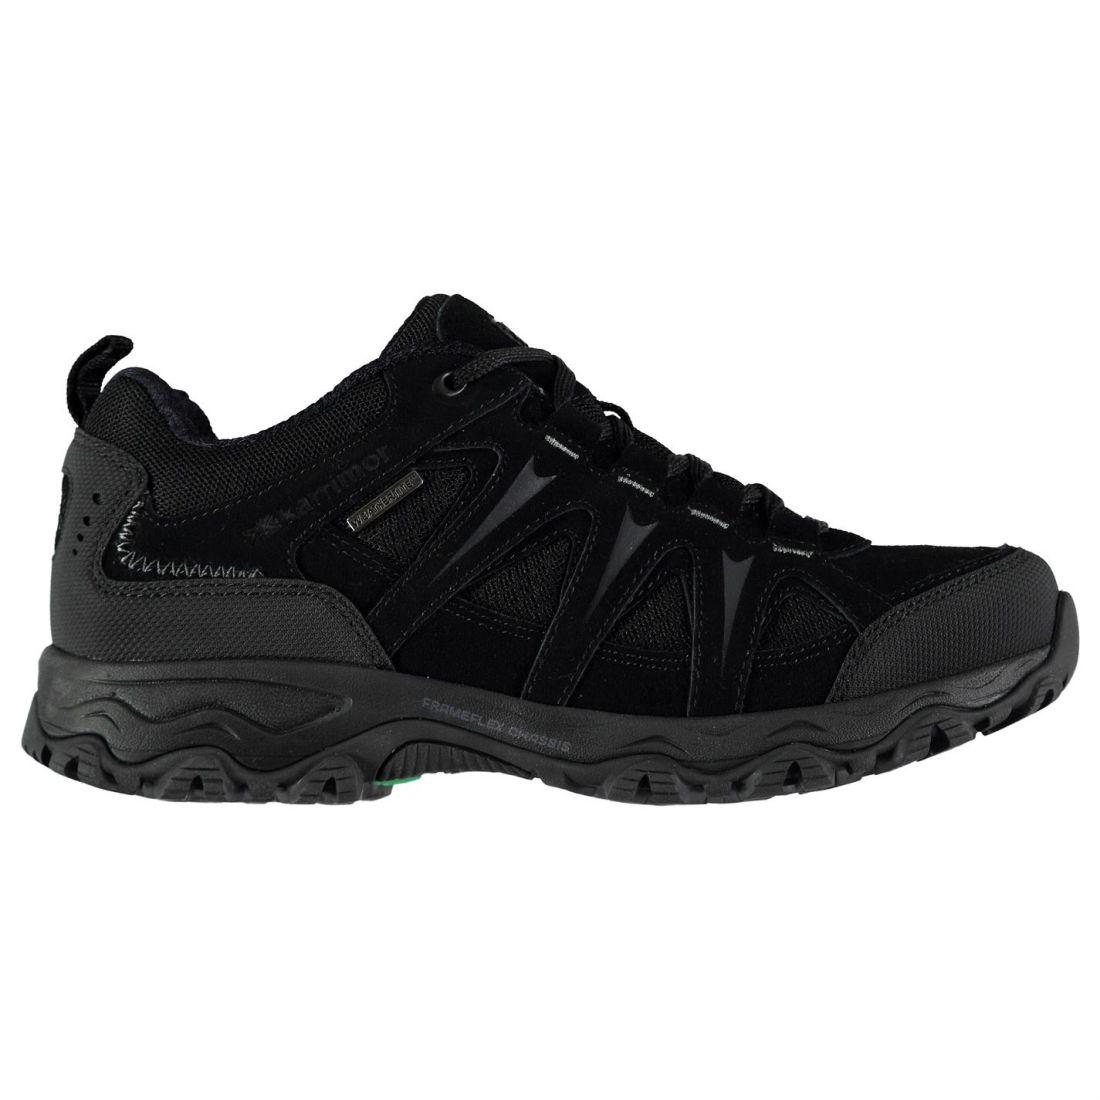 Karrimor Womens Mount Low Ladies Walking Shoes Waterproof -9256